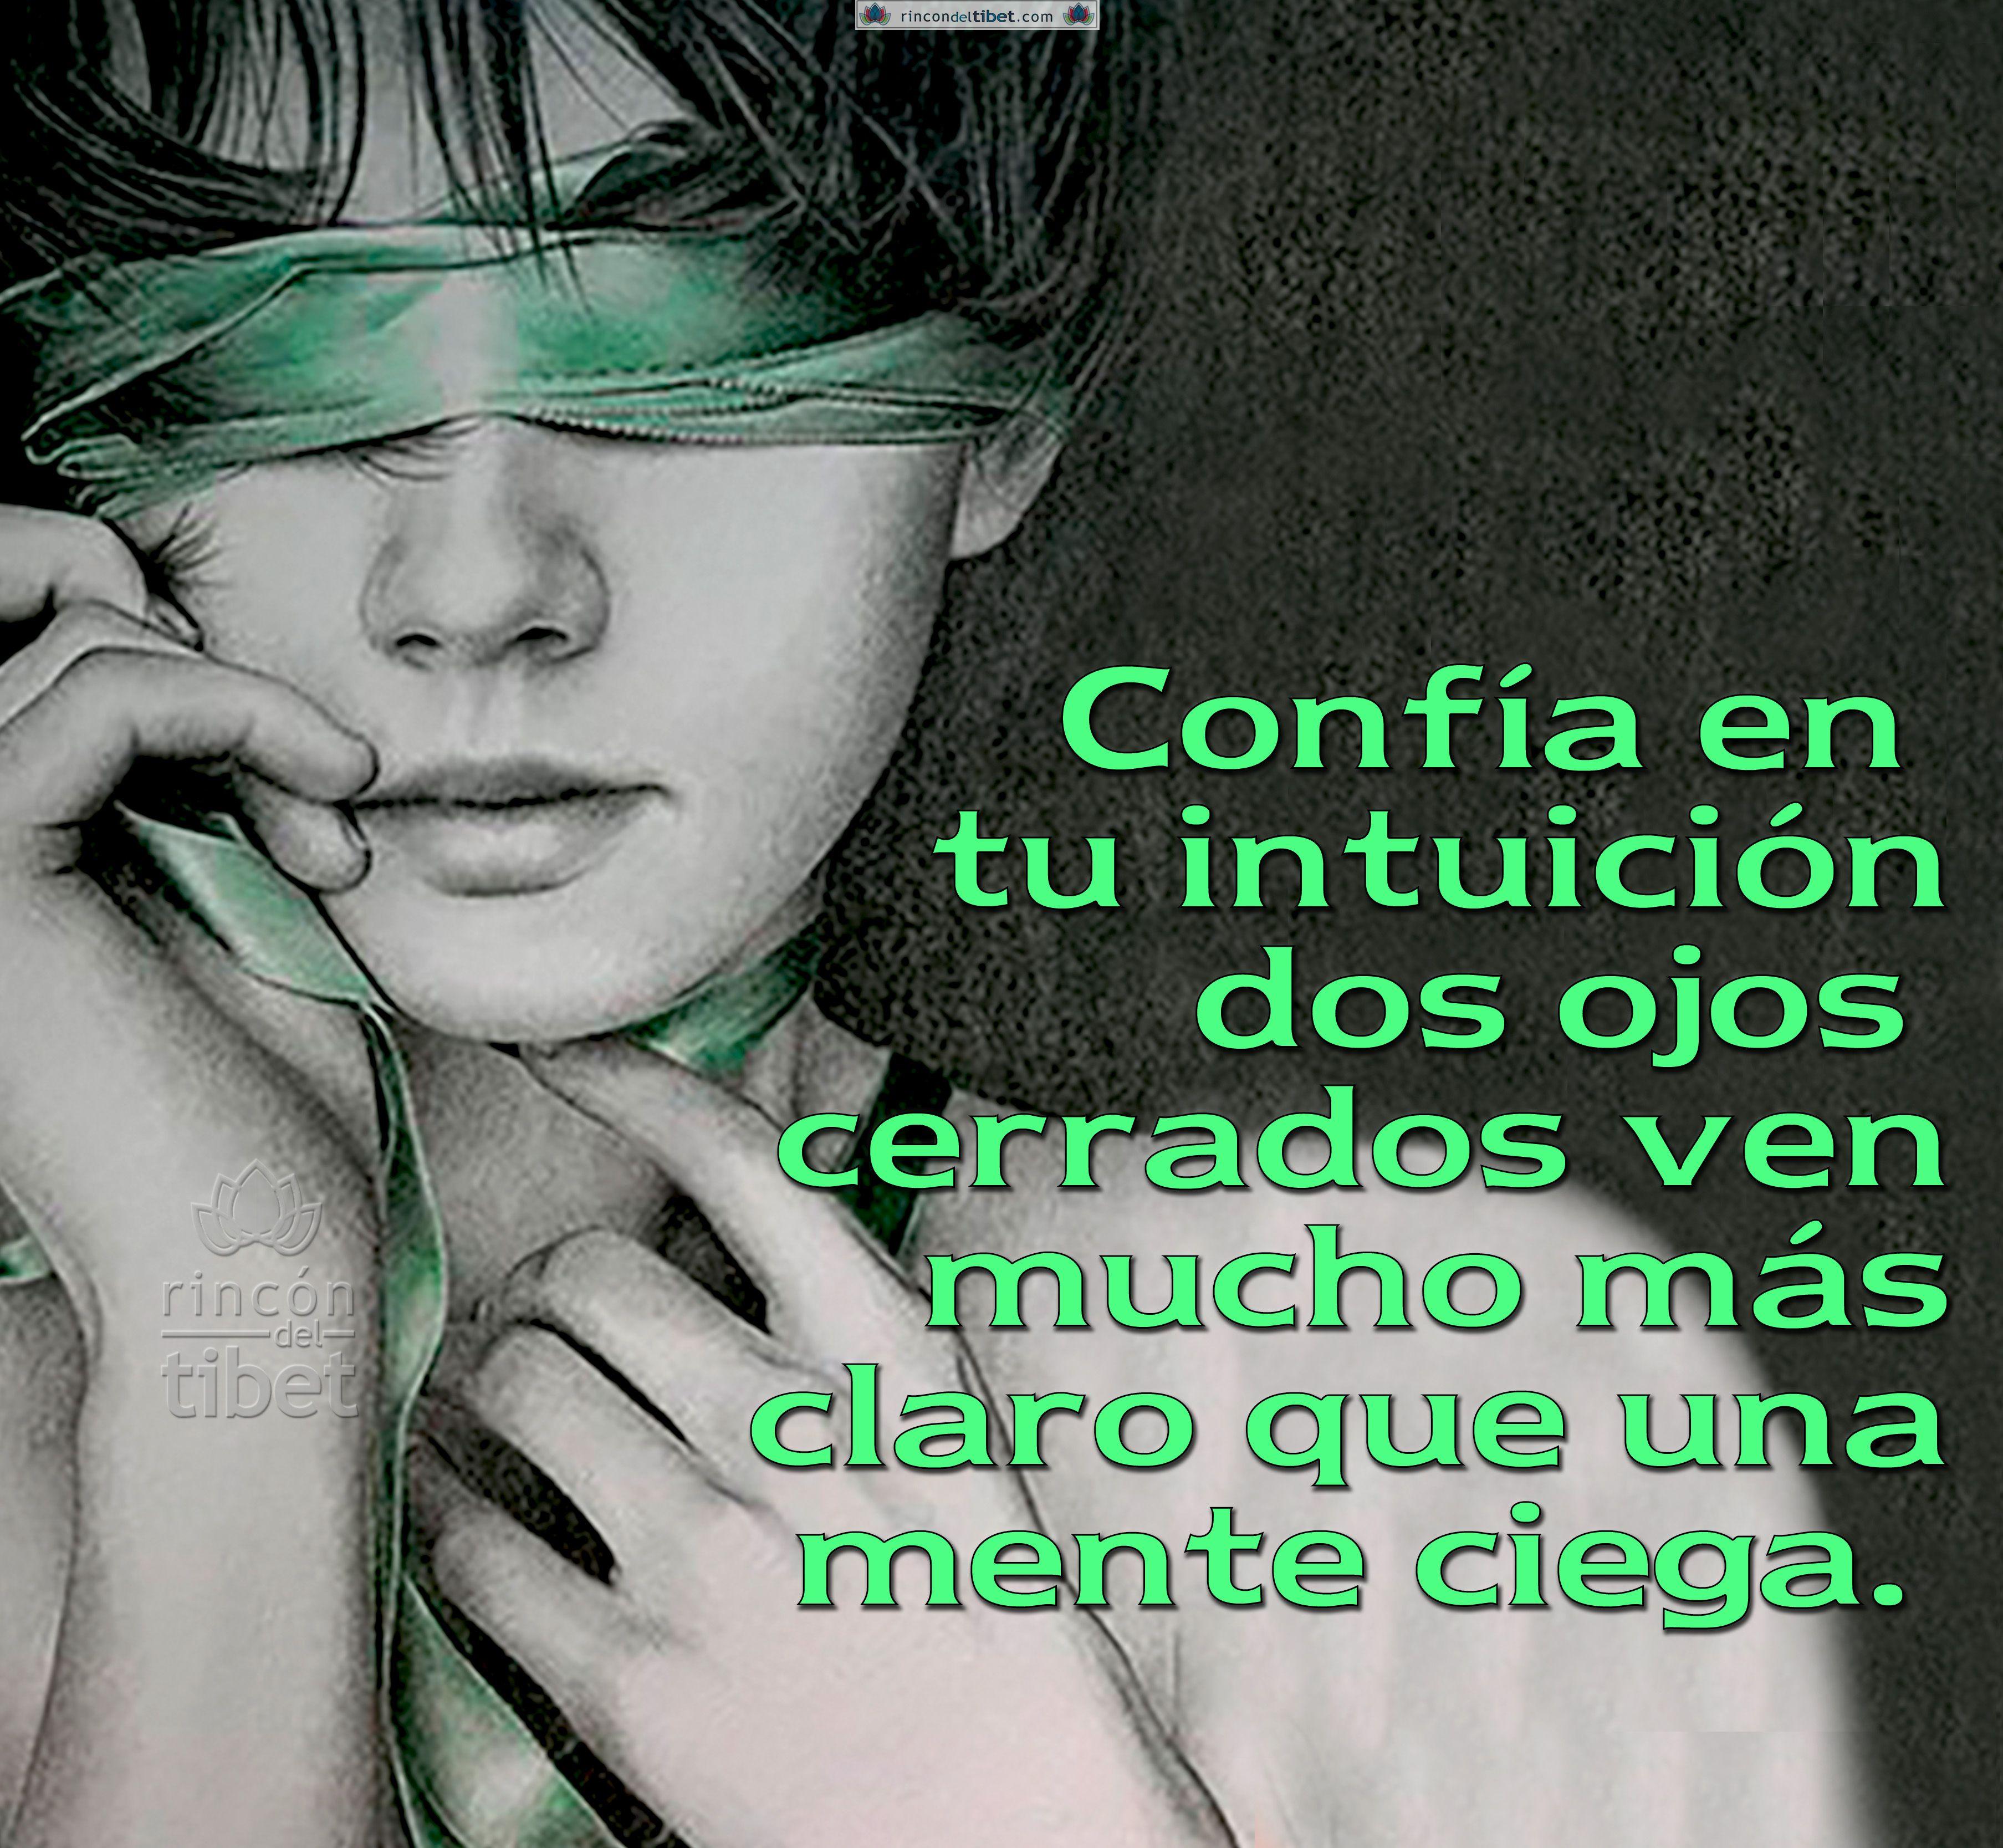 Confía en tu intuición, dos ojos cerrados ven mucho más claro que una mente ciega.